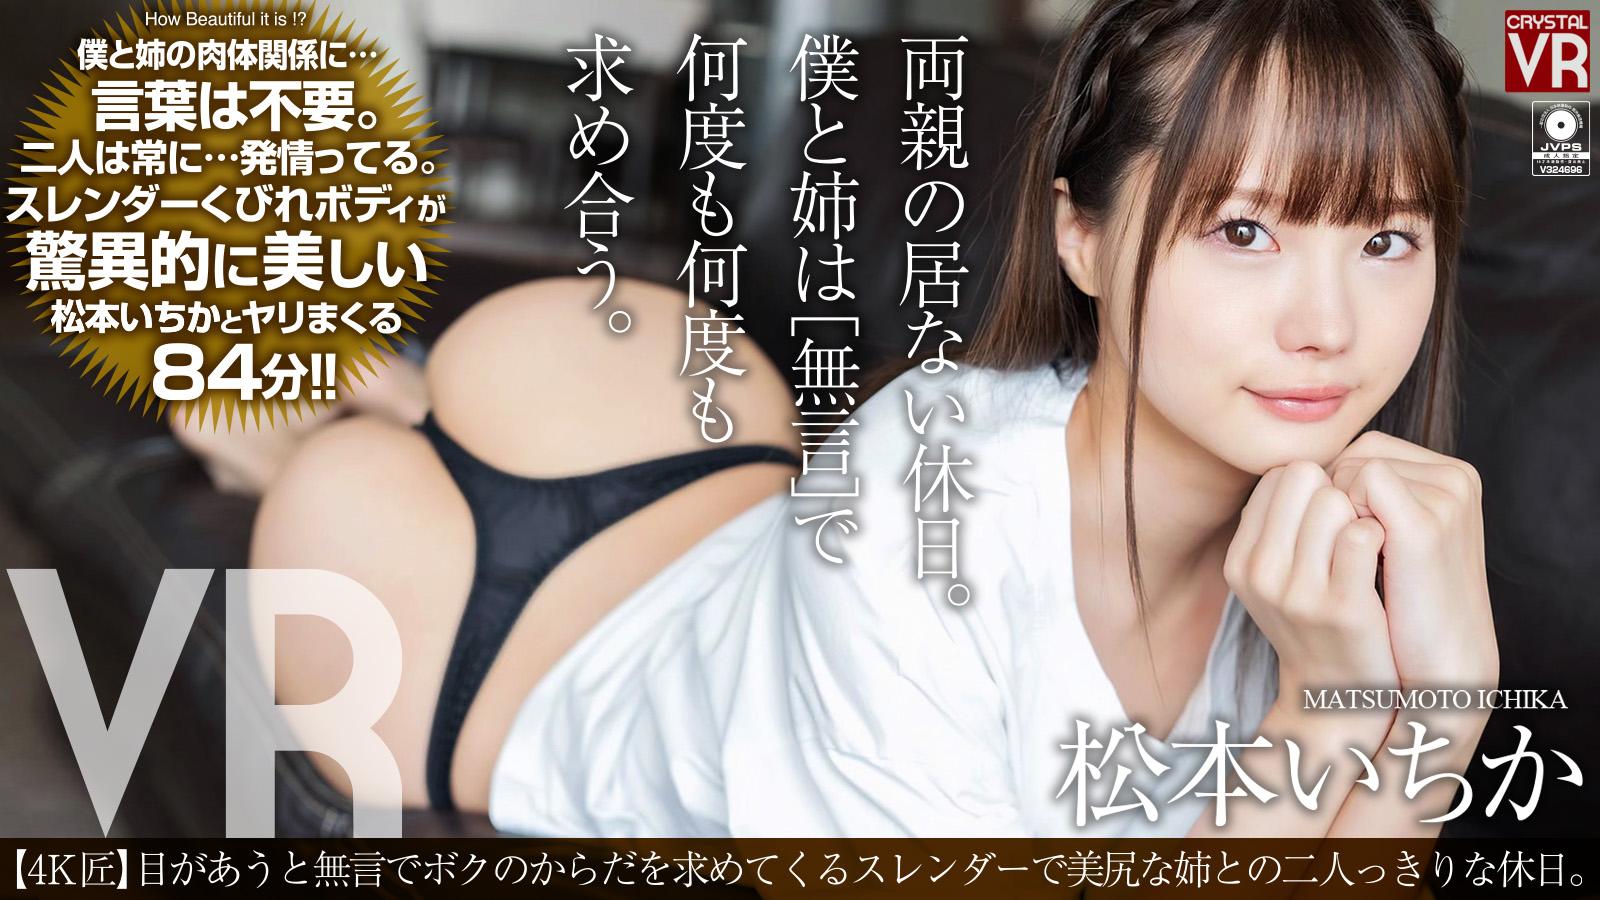 【4K匠】松本いちか 目があうと無言でボクのからだを求めてくるスレンダーで美尻な姉との二人っきりな休日。